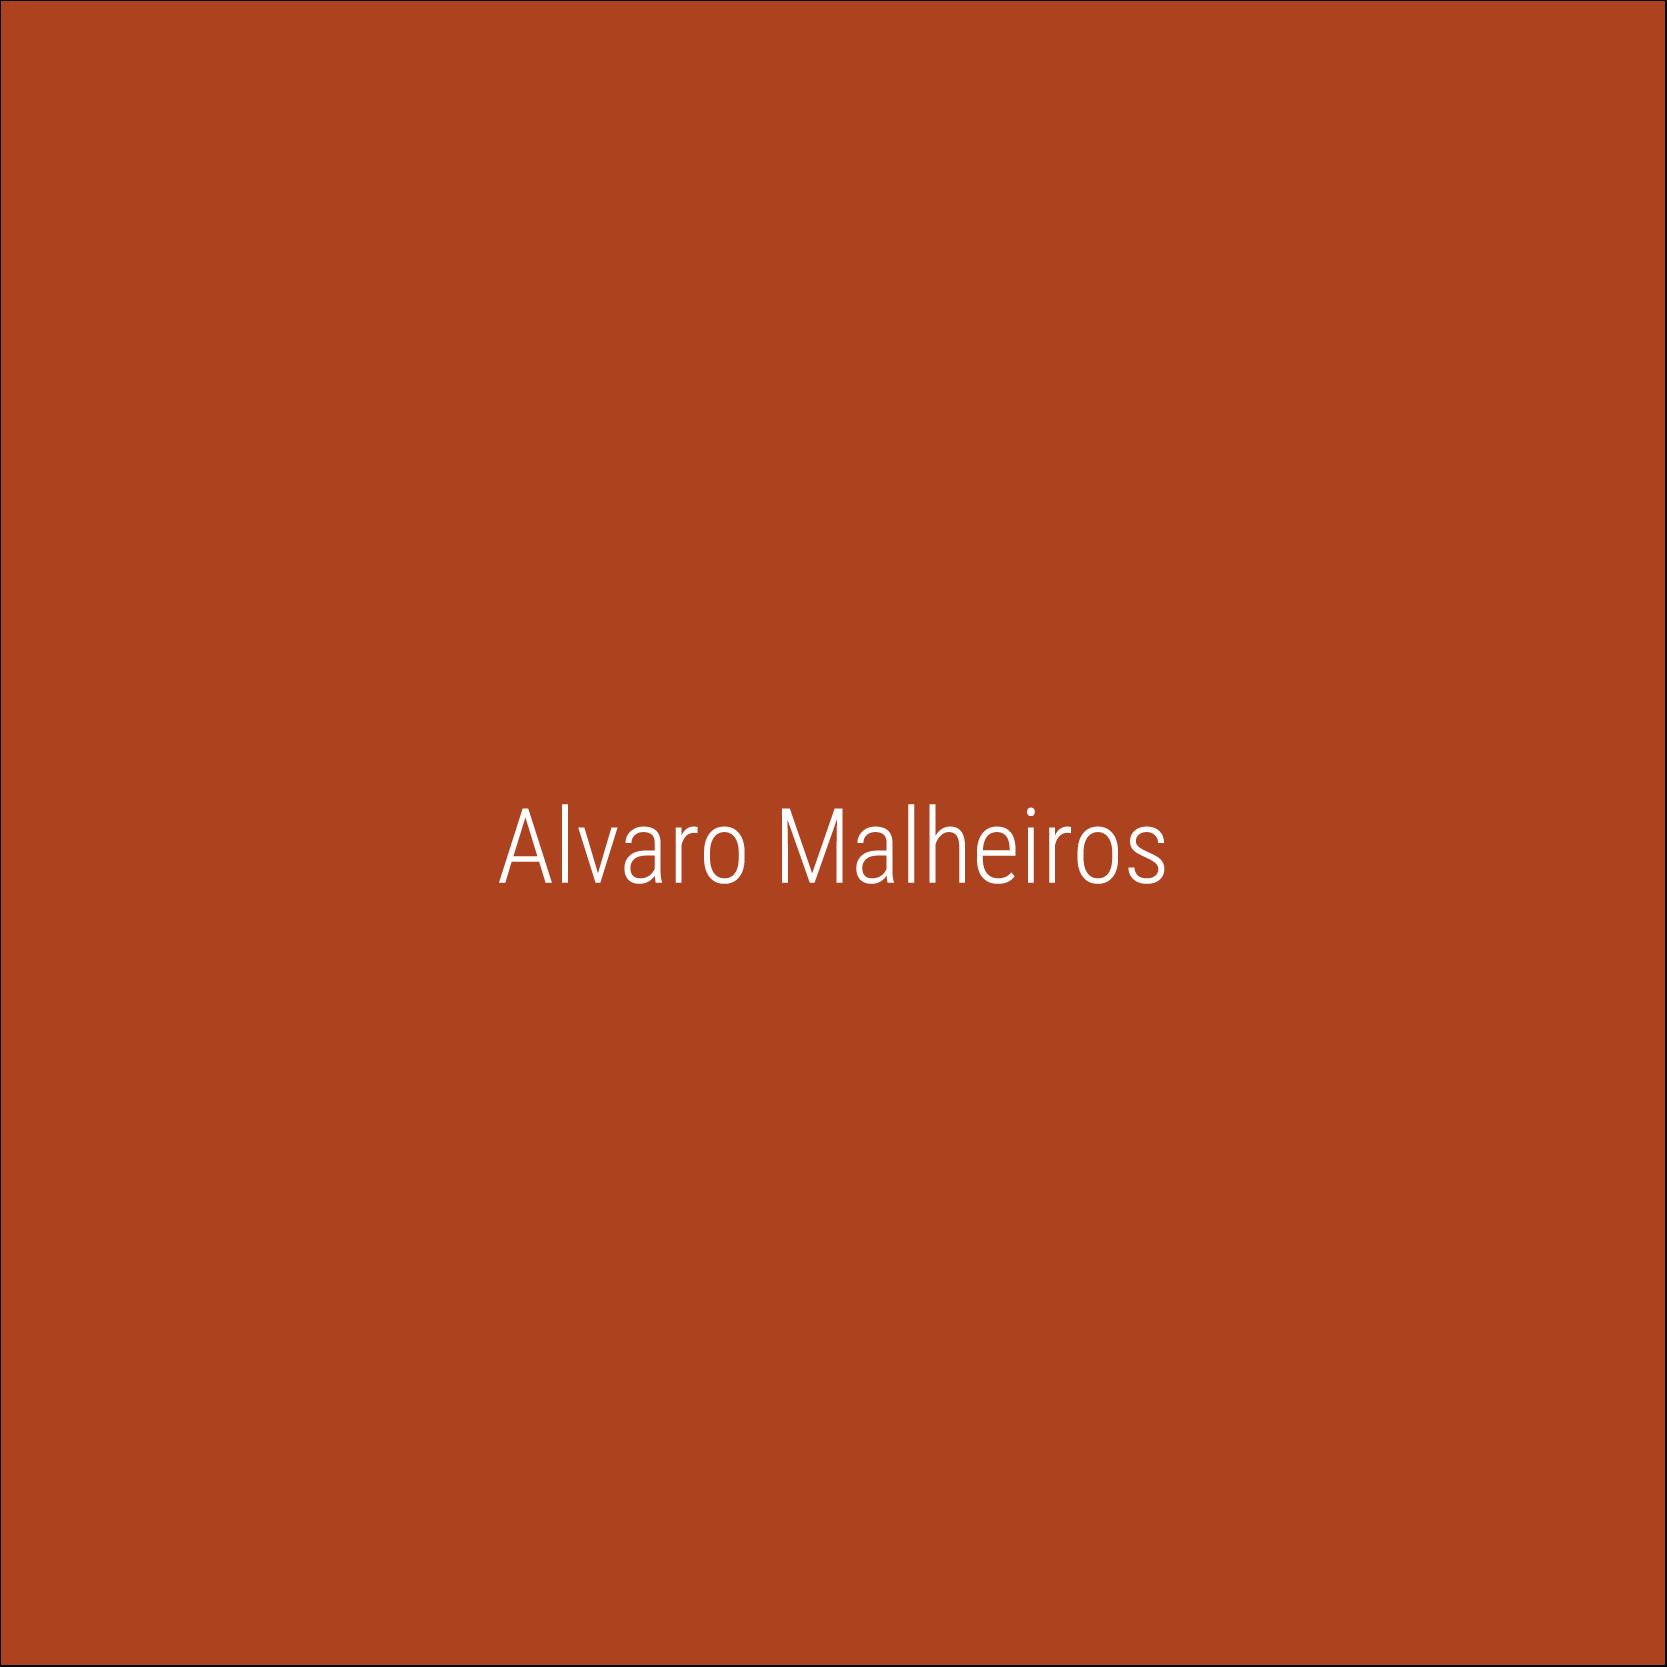 Alvaro Malheiros_Prancheta 1